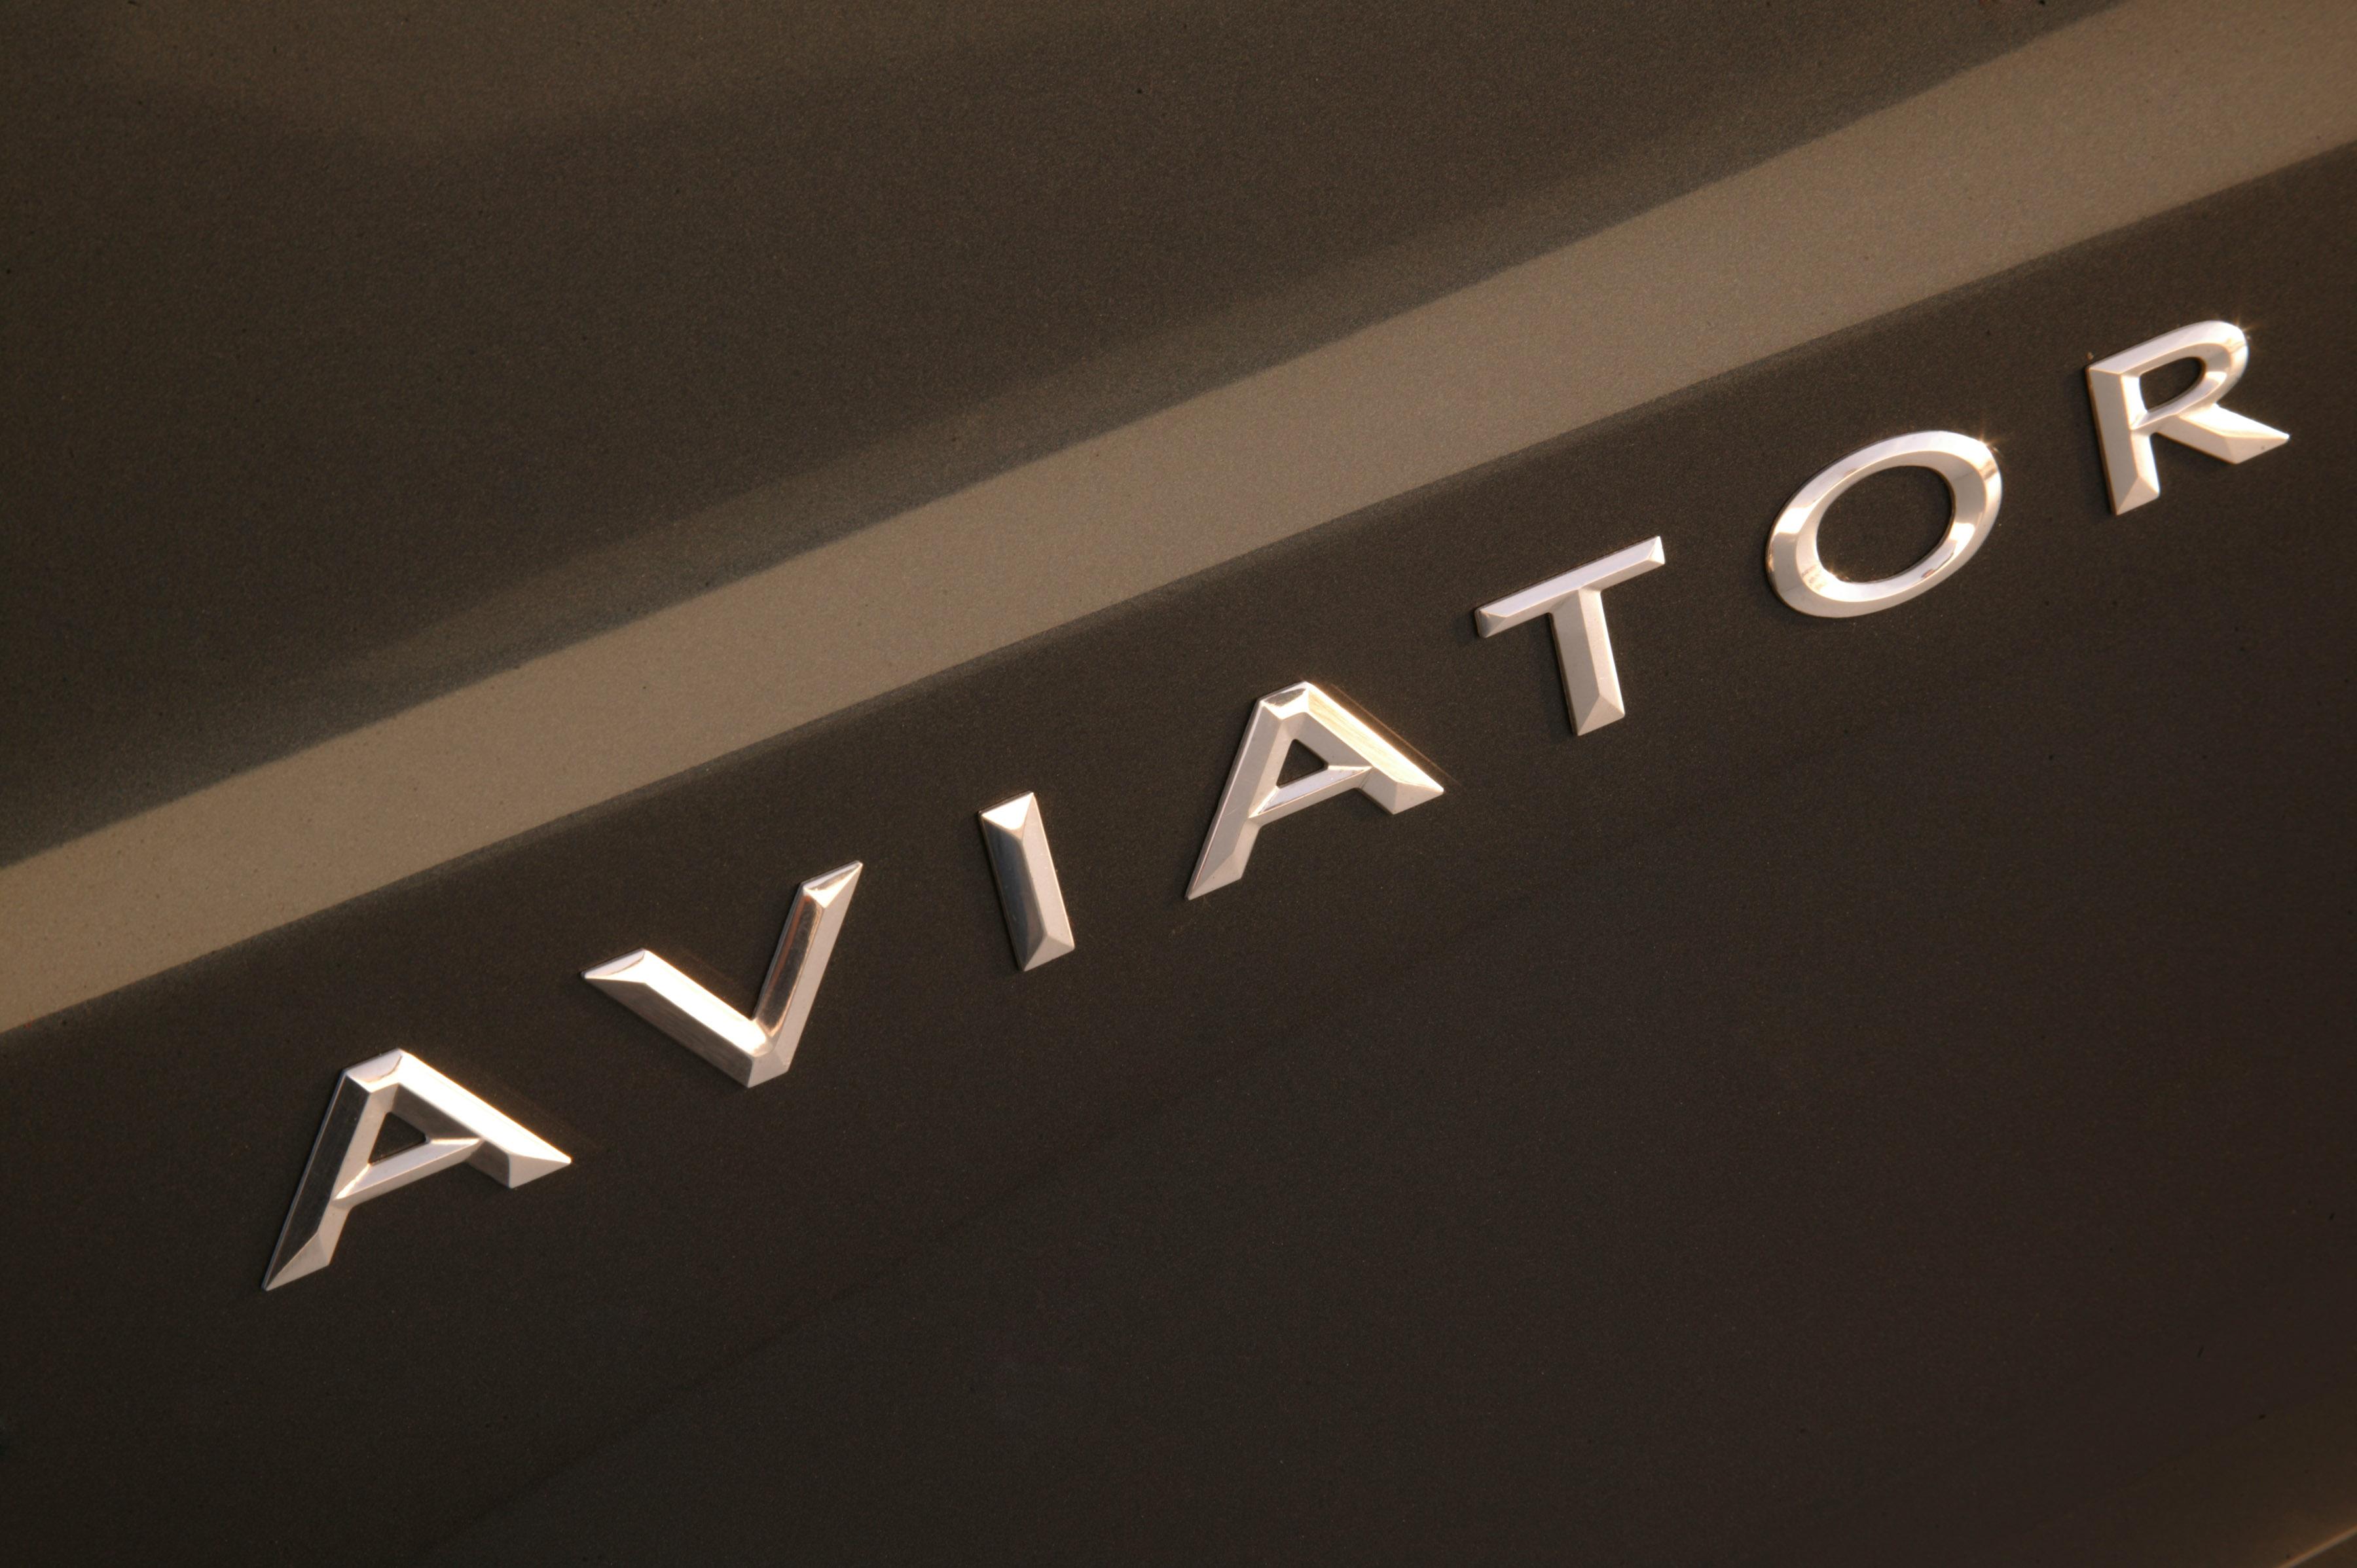 Lincoln Aviator Concept - Picture 31593